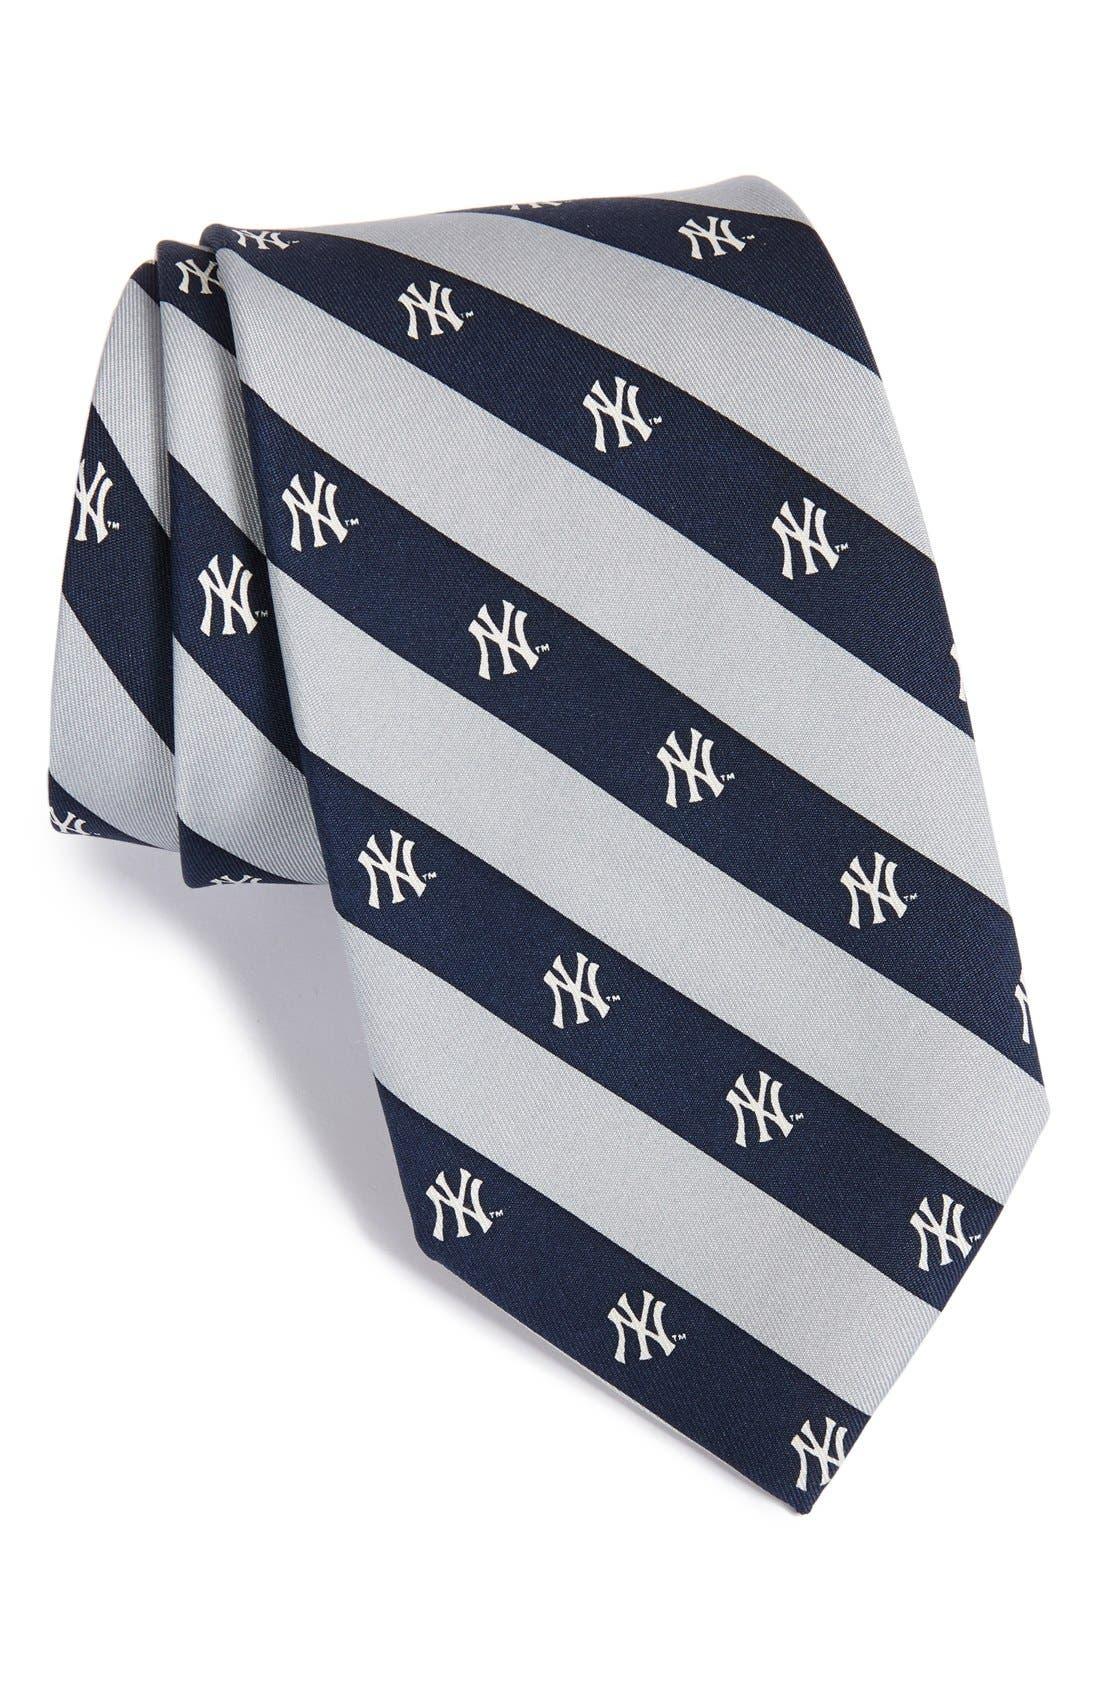 New York Yankees - MLB Print Silk Tie,                         Main,                         color, 414